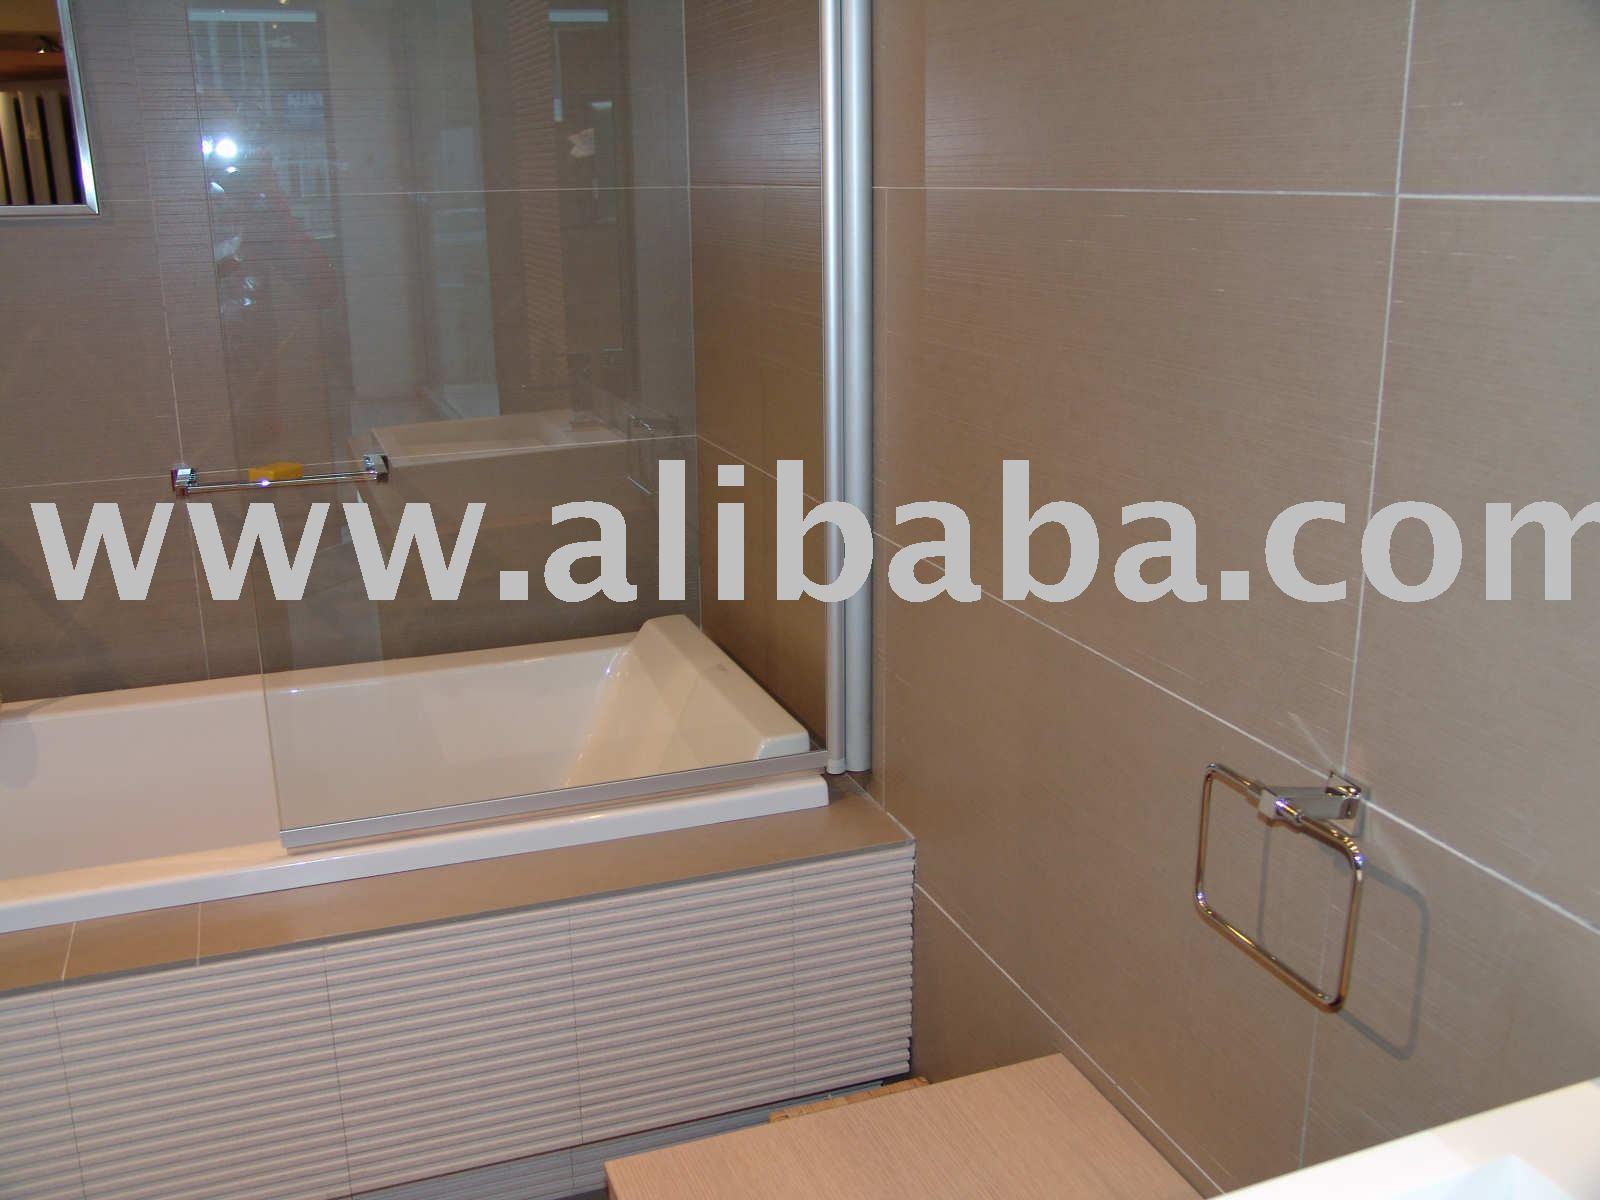 Azulejos Baño Saloni:Saloni Efir pared de azulejos y baldosas Massive muy poco comunes